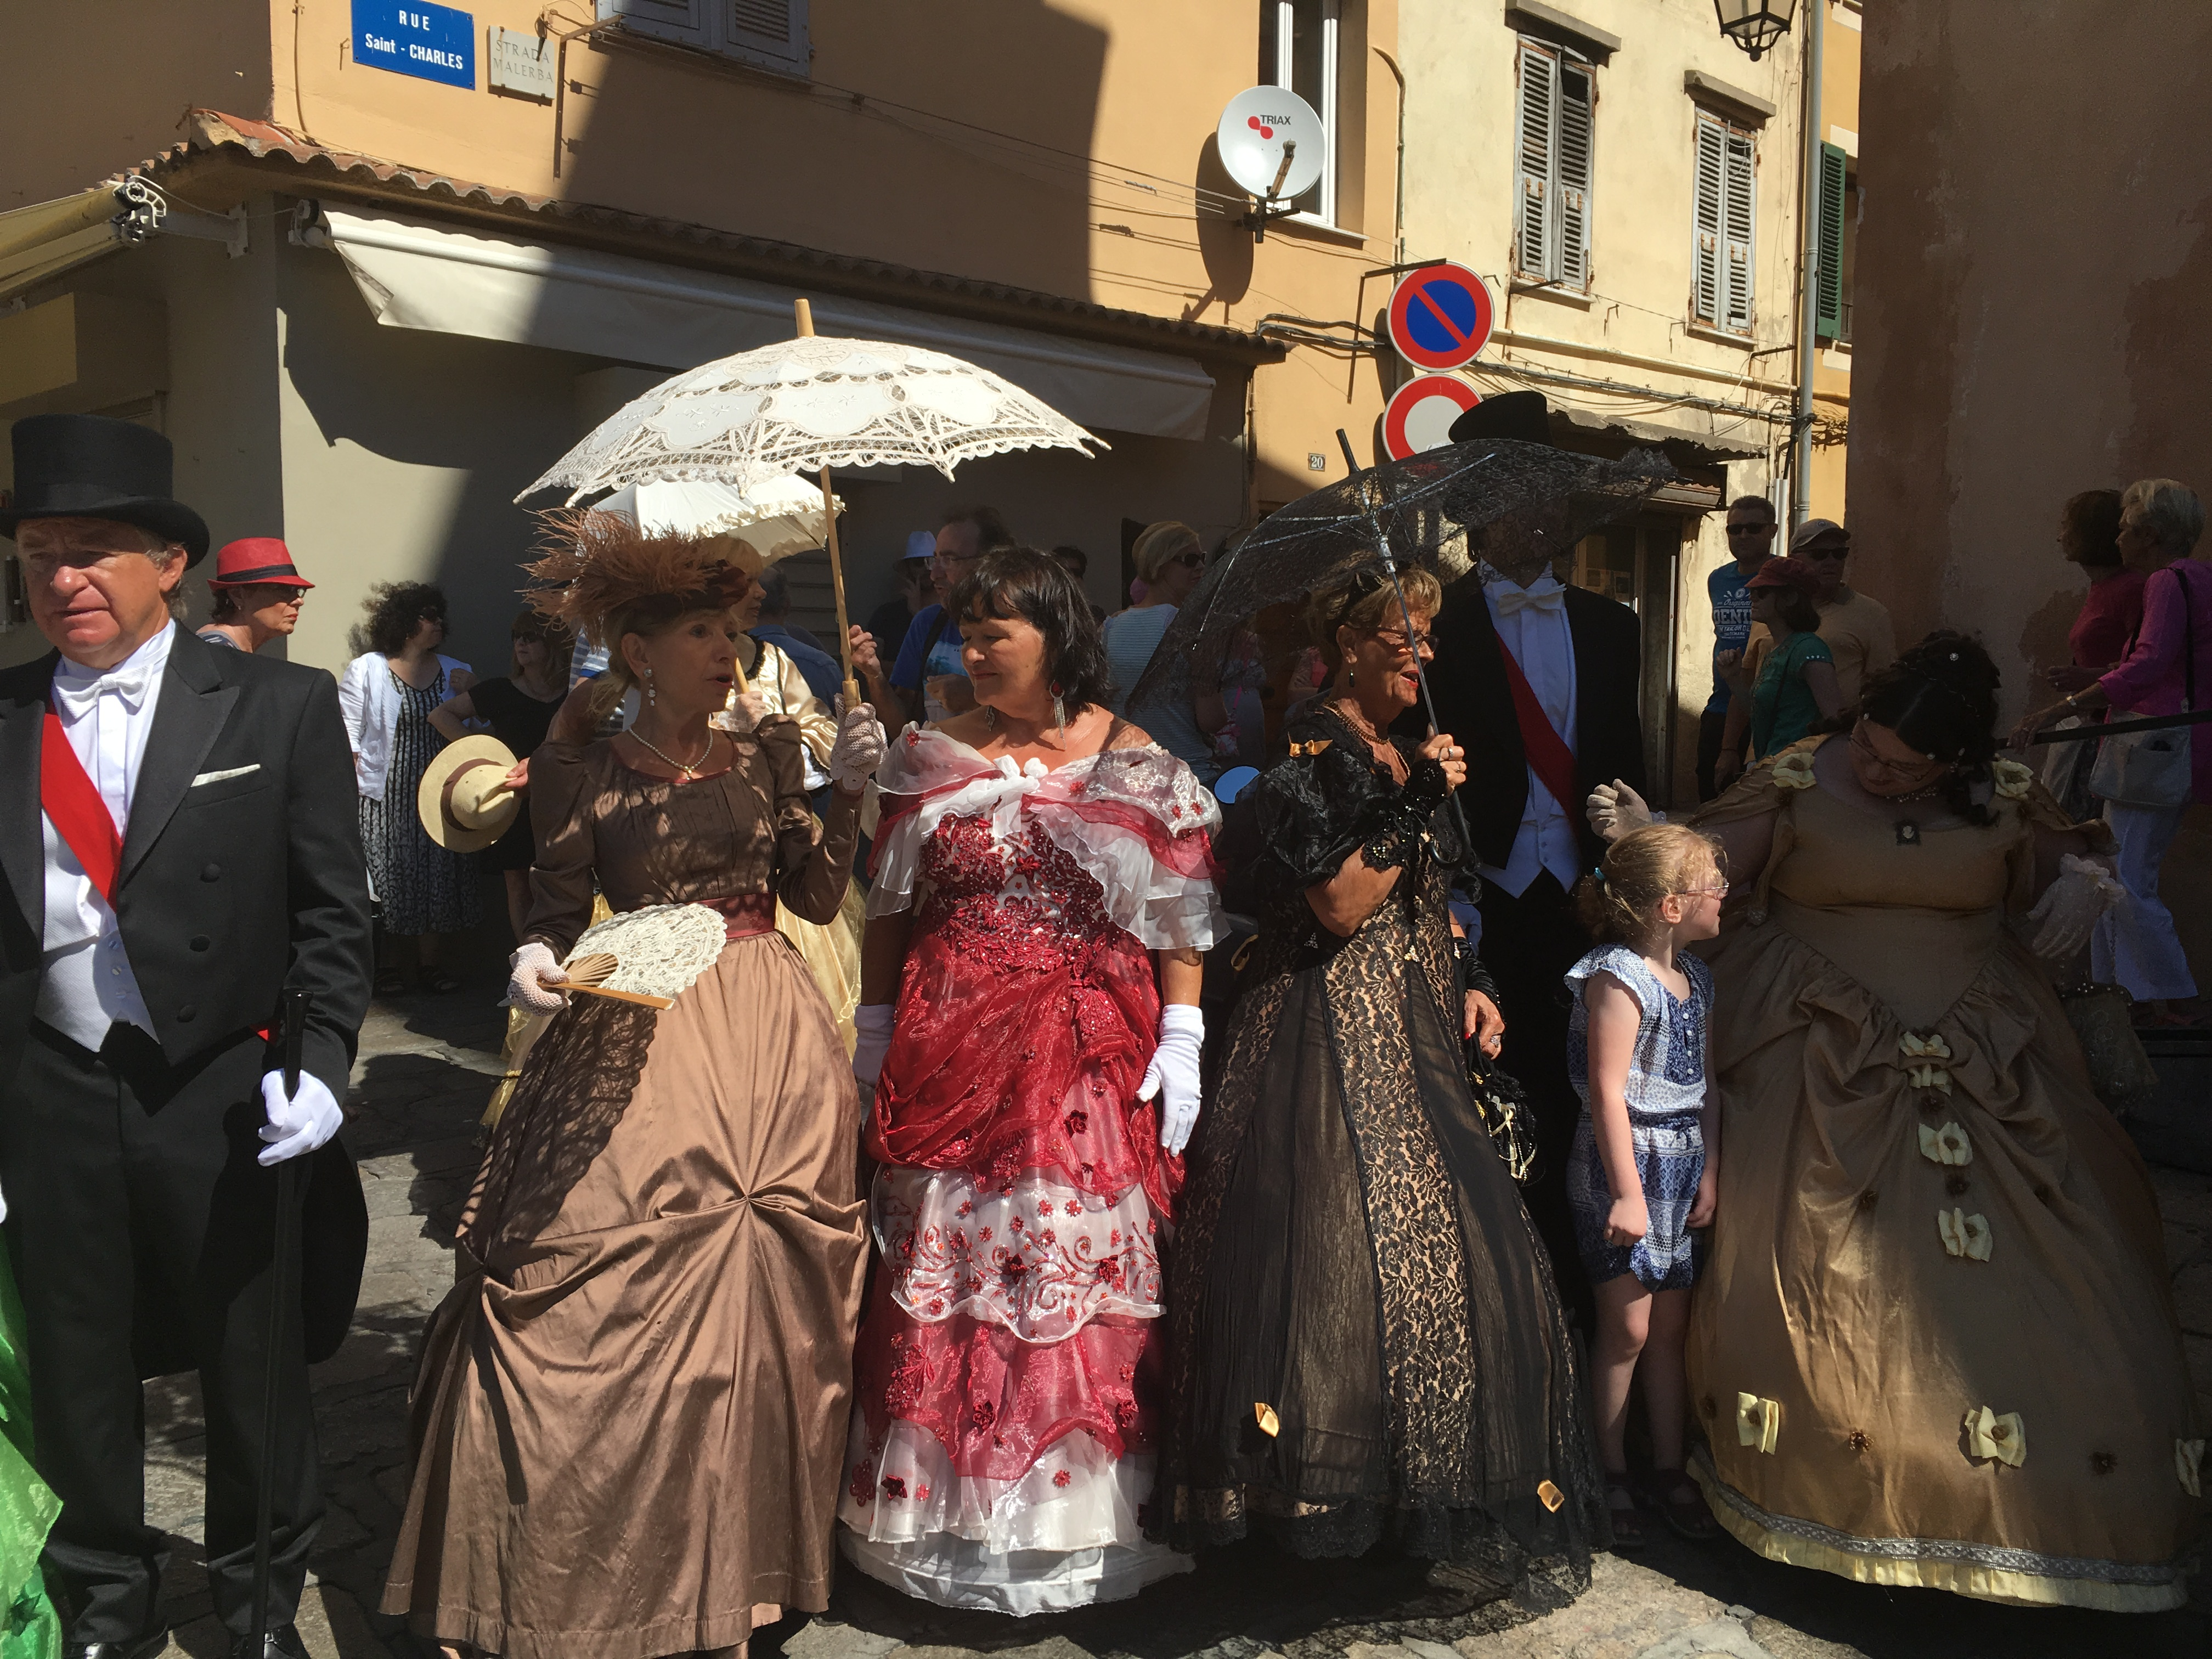 15-Août impérial : Ajaccio, ville impériale plus que jamais !